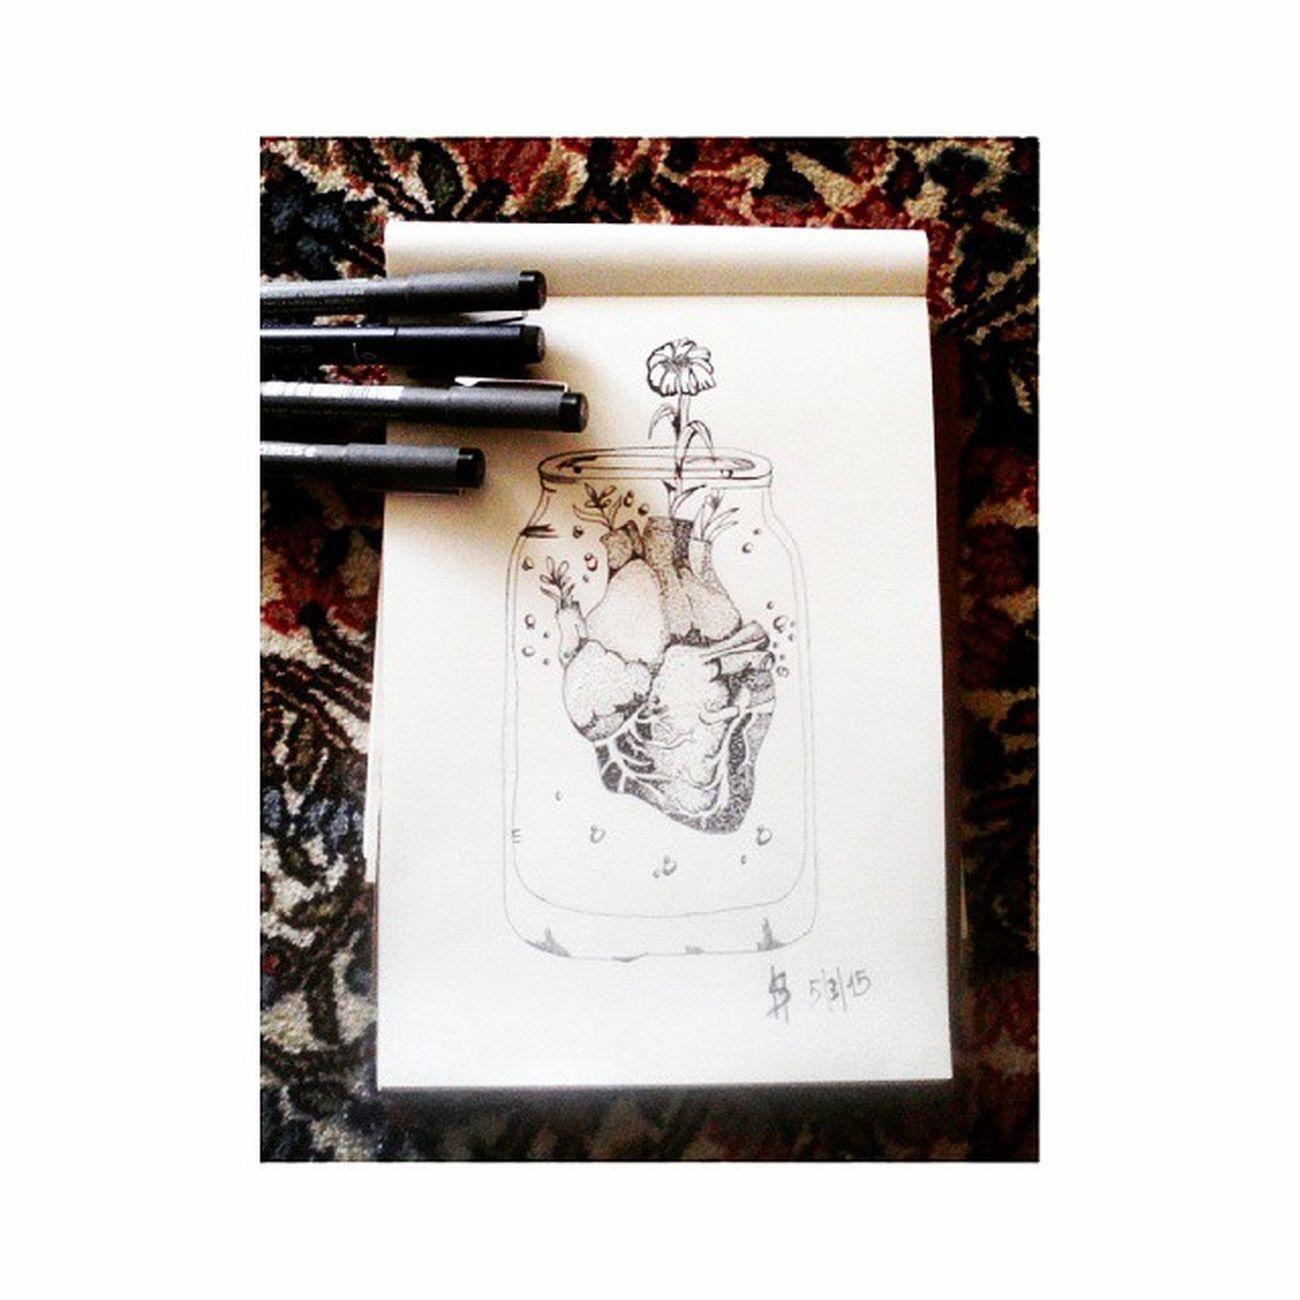 Un altro mondo. ✏❤ Unamatitaeunfoglio Heart Flowers Plants Instalove Instaheart Instalovely Instaflowers Instaflowers Likeforpaint Likeforlike Likeforfollow Followforfollow